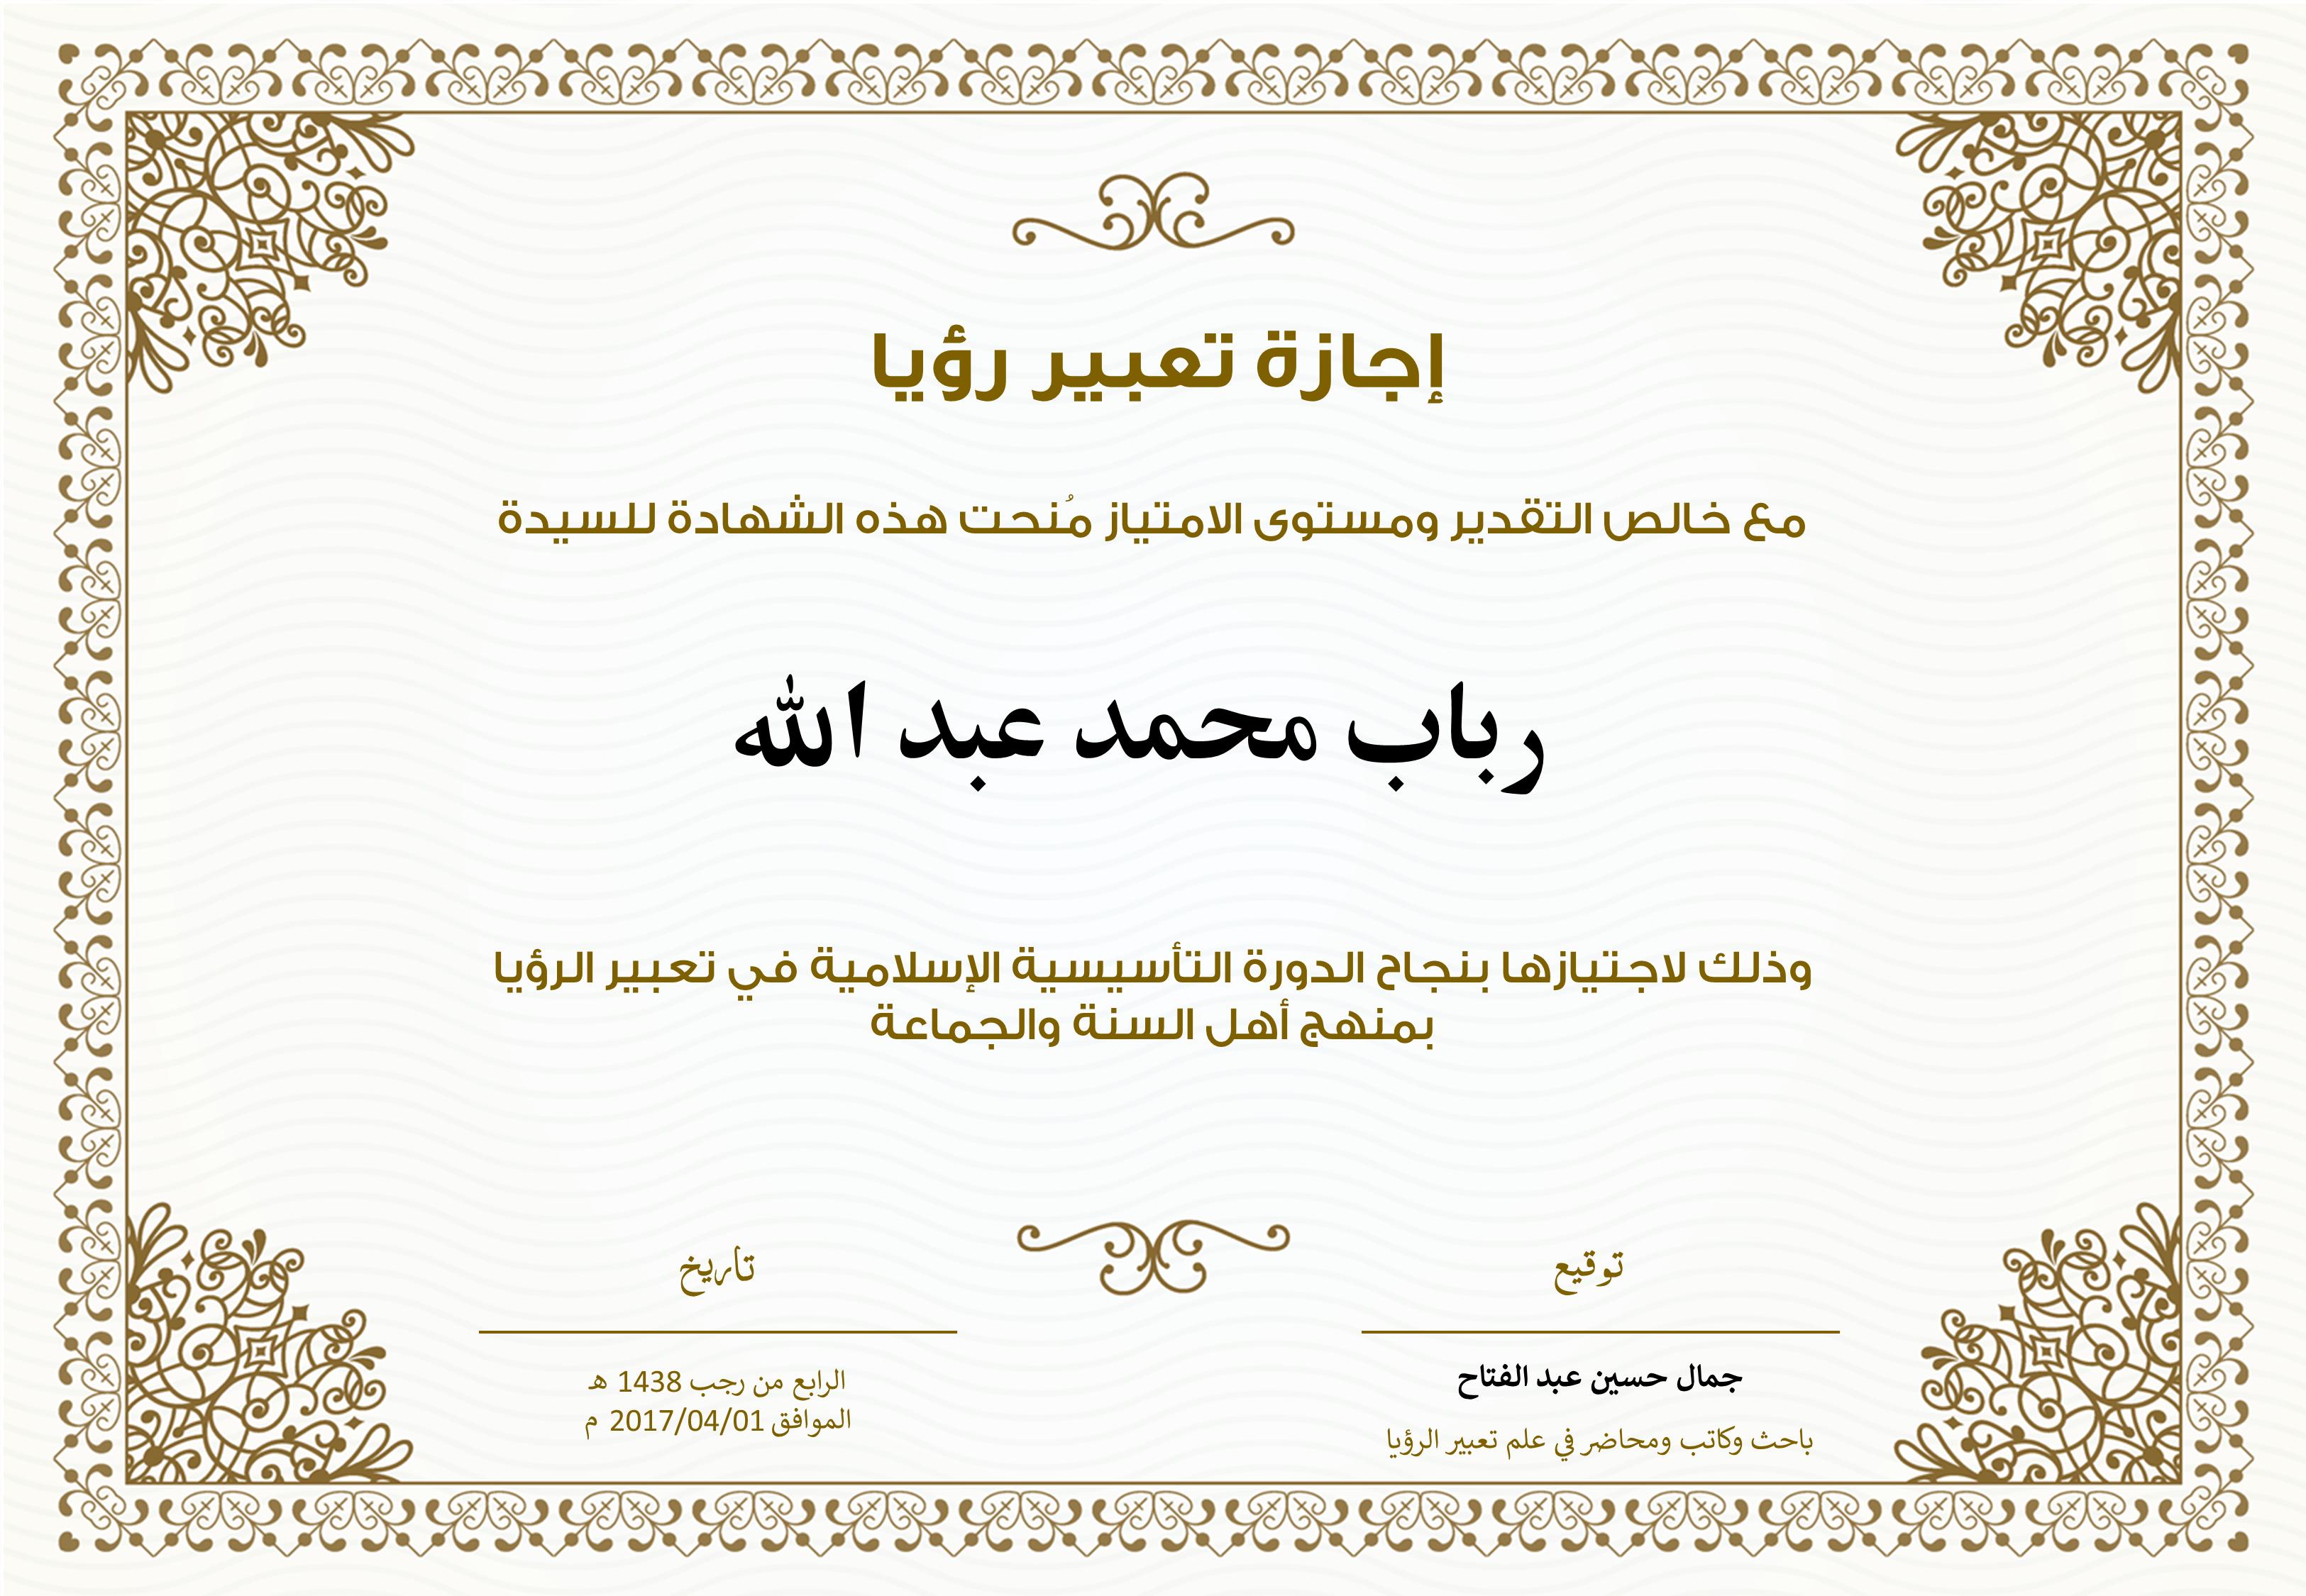 شهادة رباب عبد الله